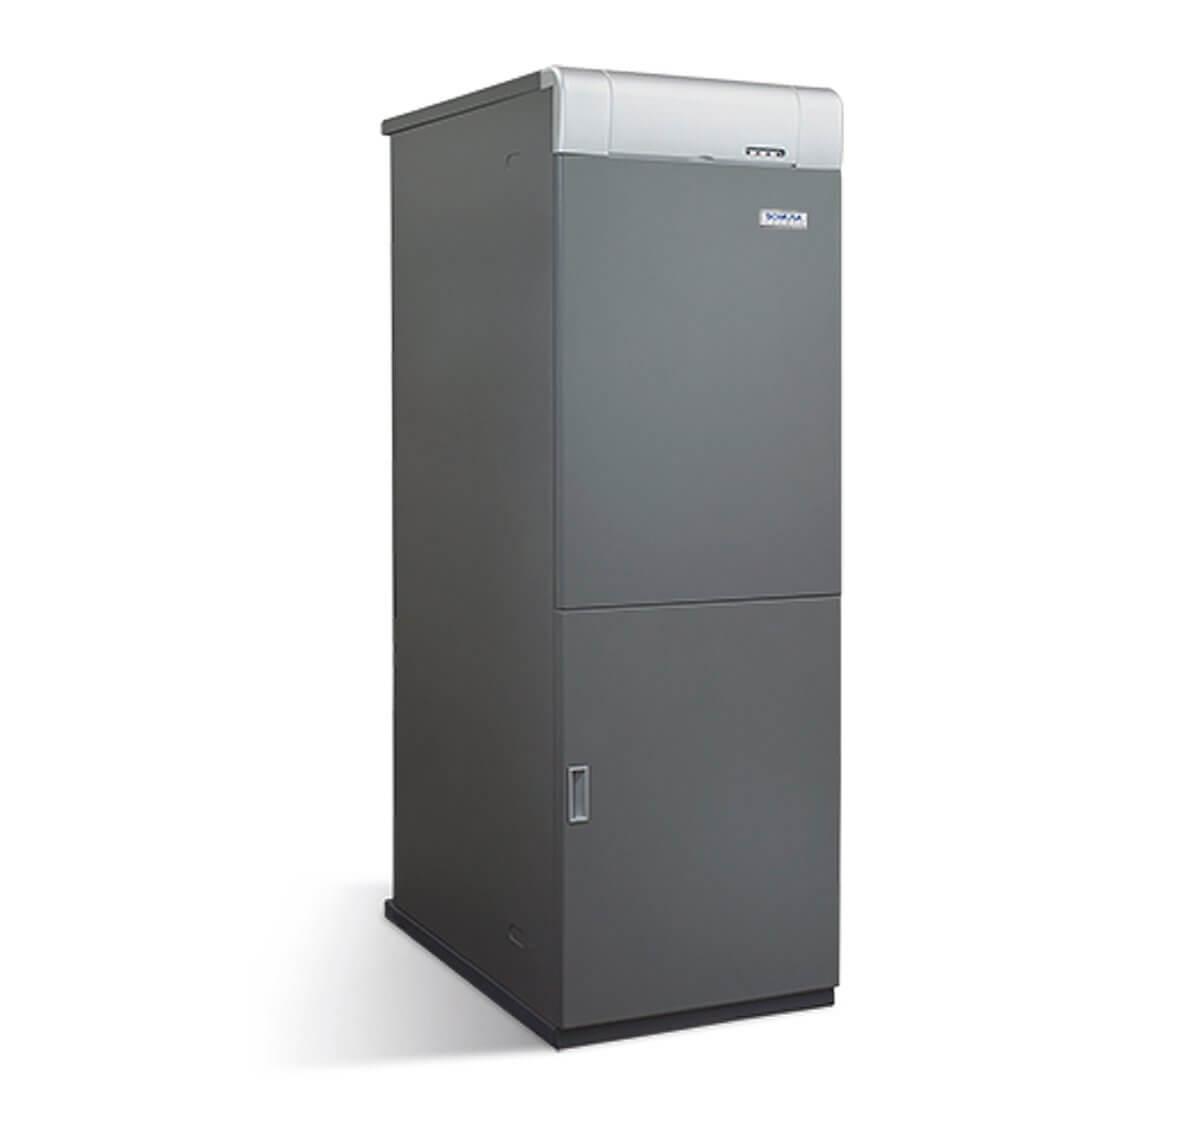 Caldera de Gasoil Domusa MCF 50 HDX 100 LTS